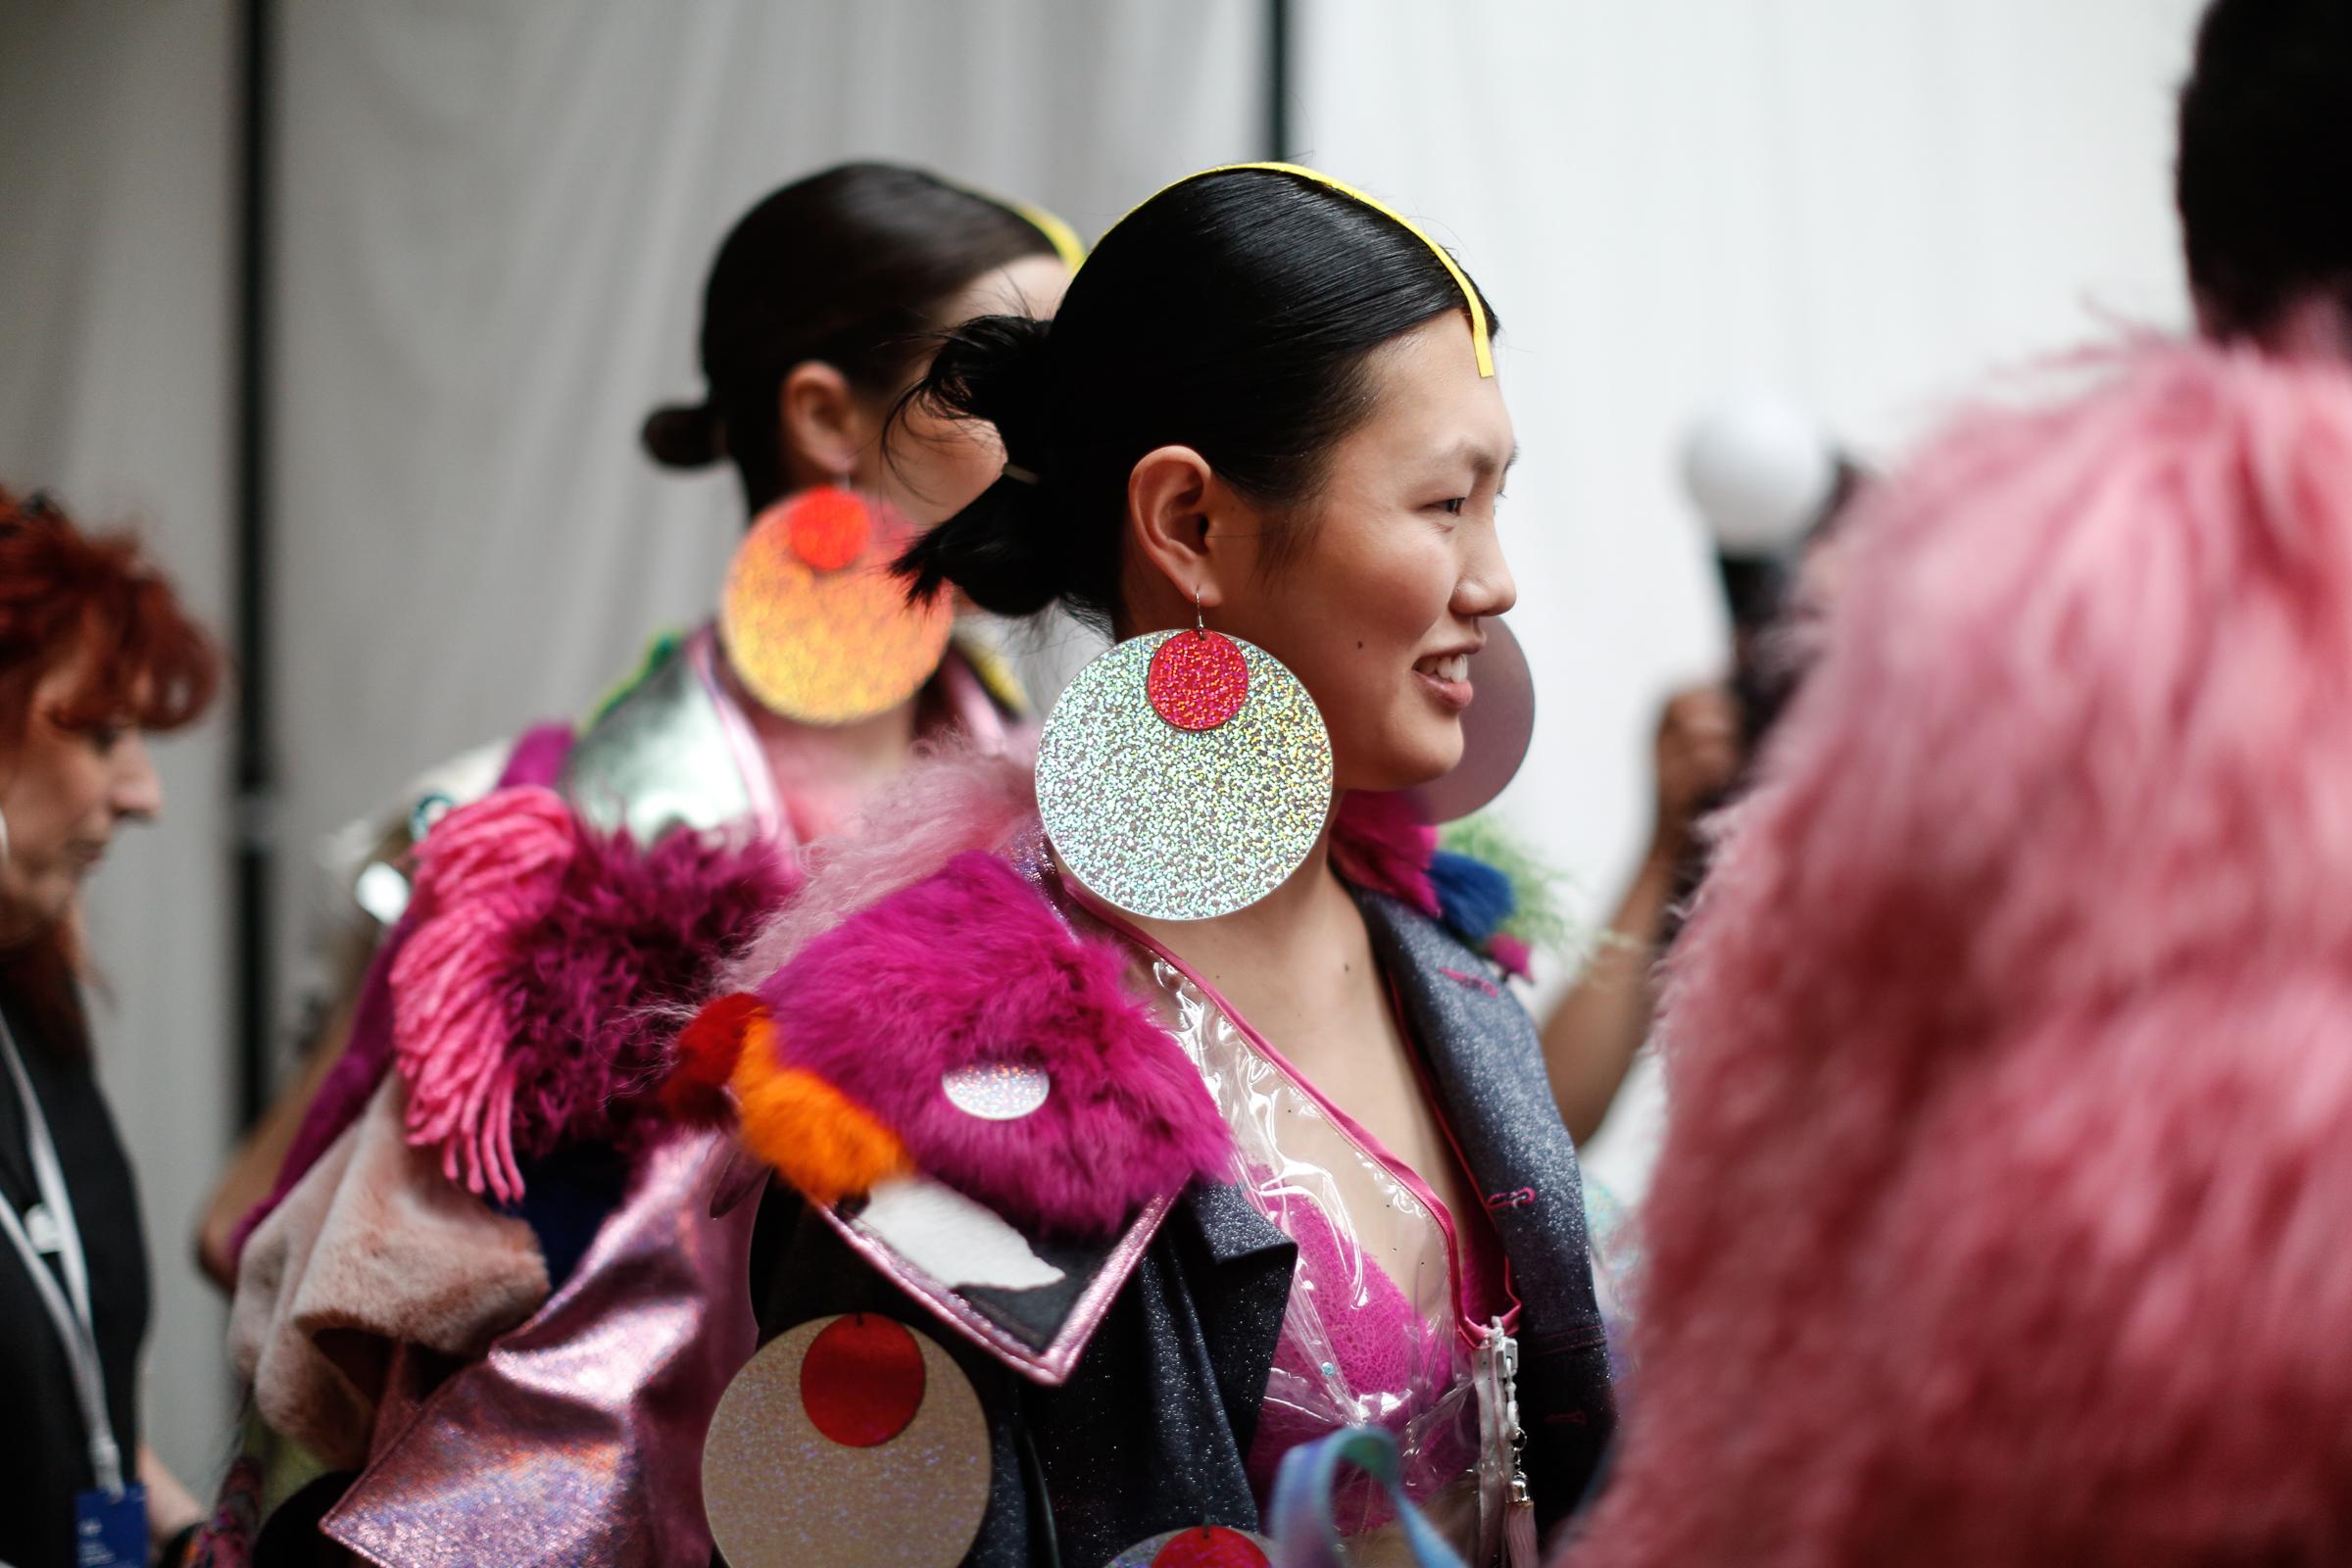 05-06 Nottingham Trent University Backstage images by Kathrin Werner 020.jpg